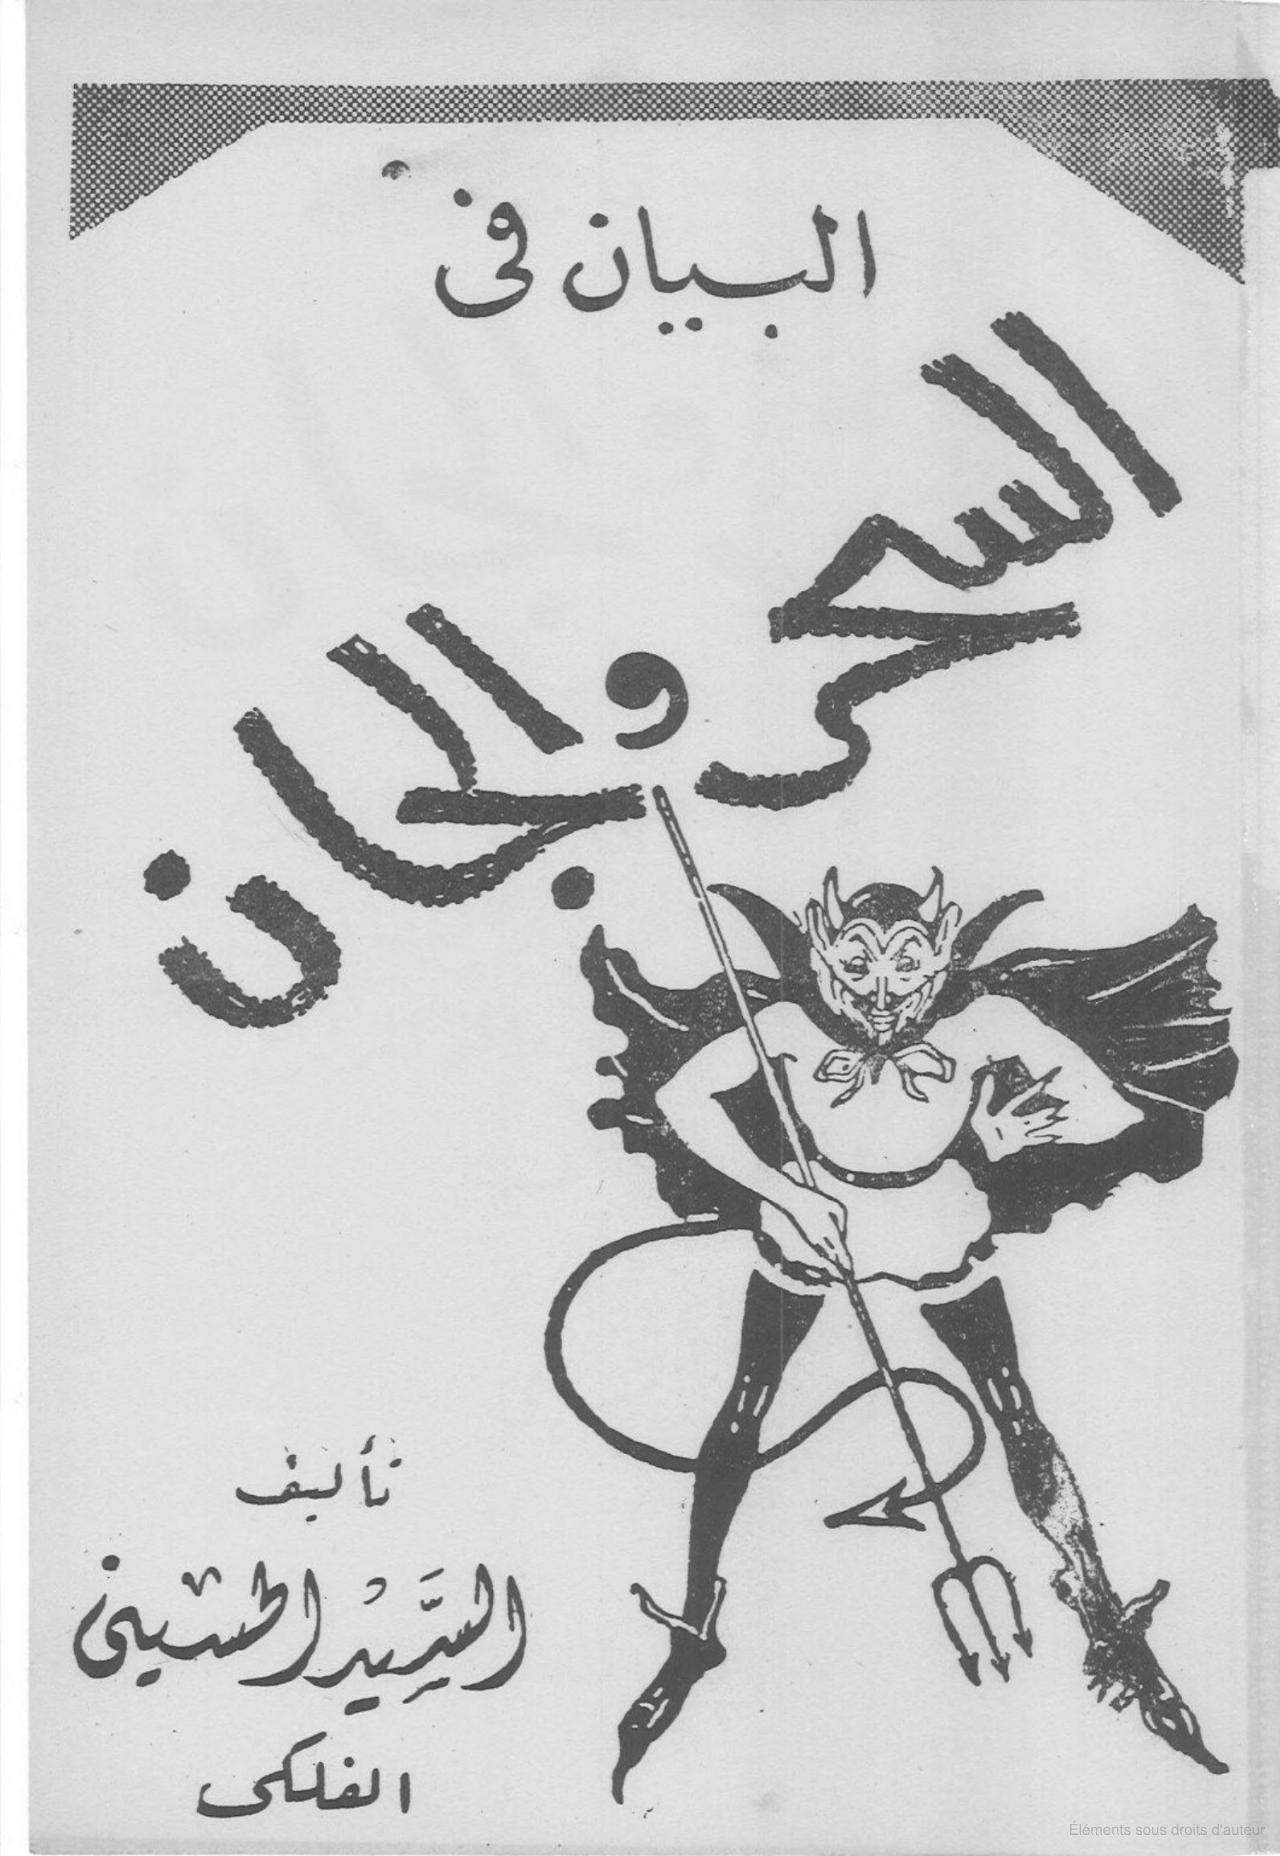 البيان في السحر والجان السيد الحسيني الفلكي Google Livres Free Books Download Books Free Download Pdf Free Pdf Books